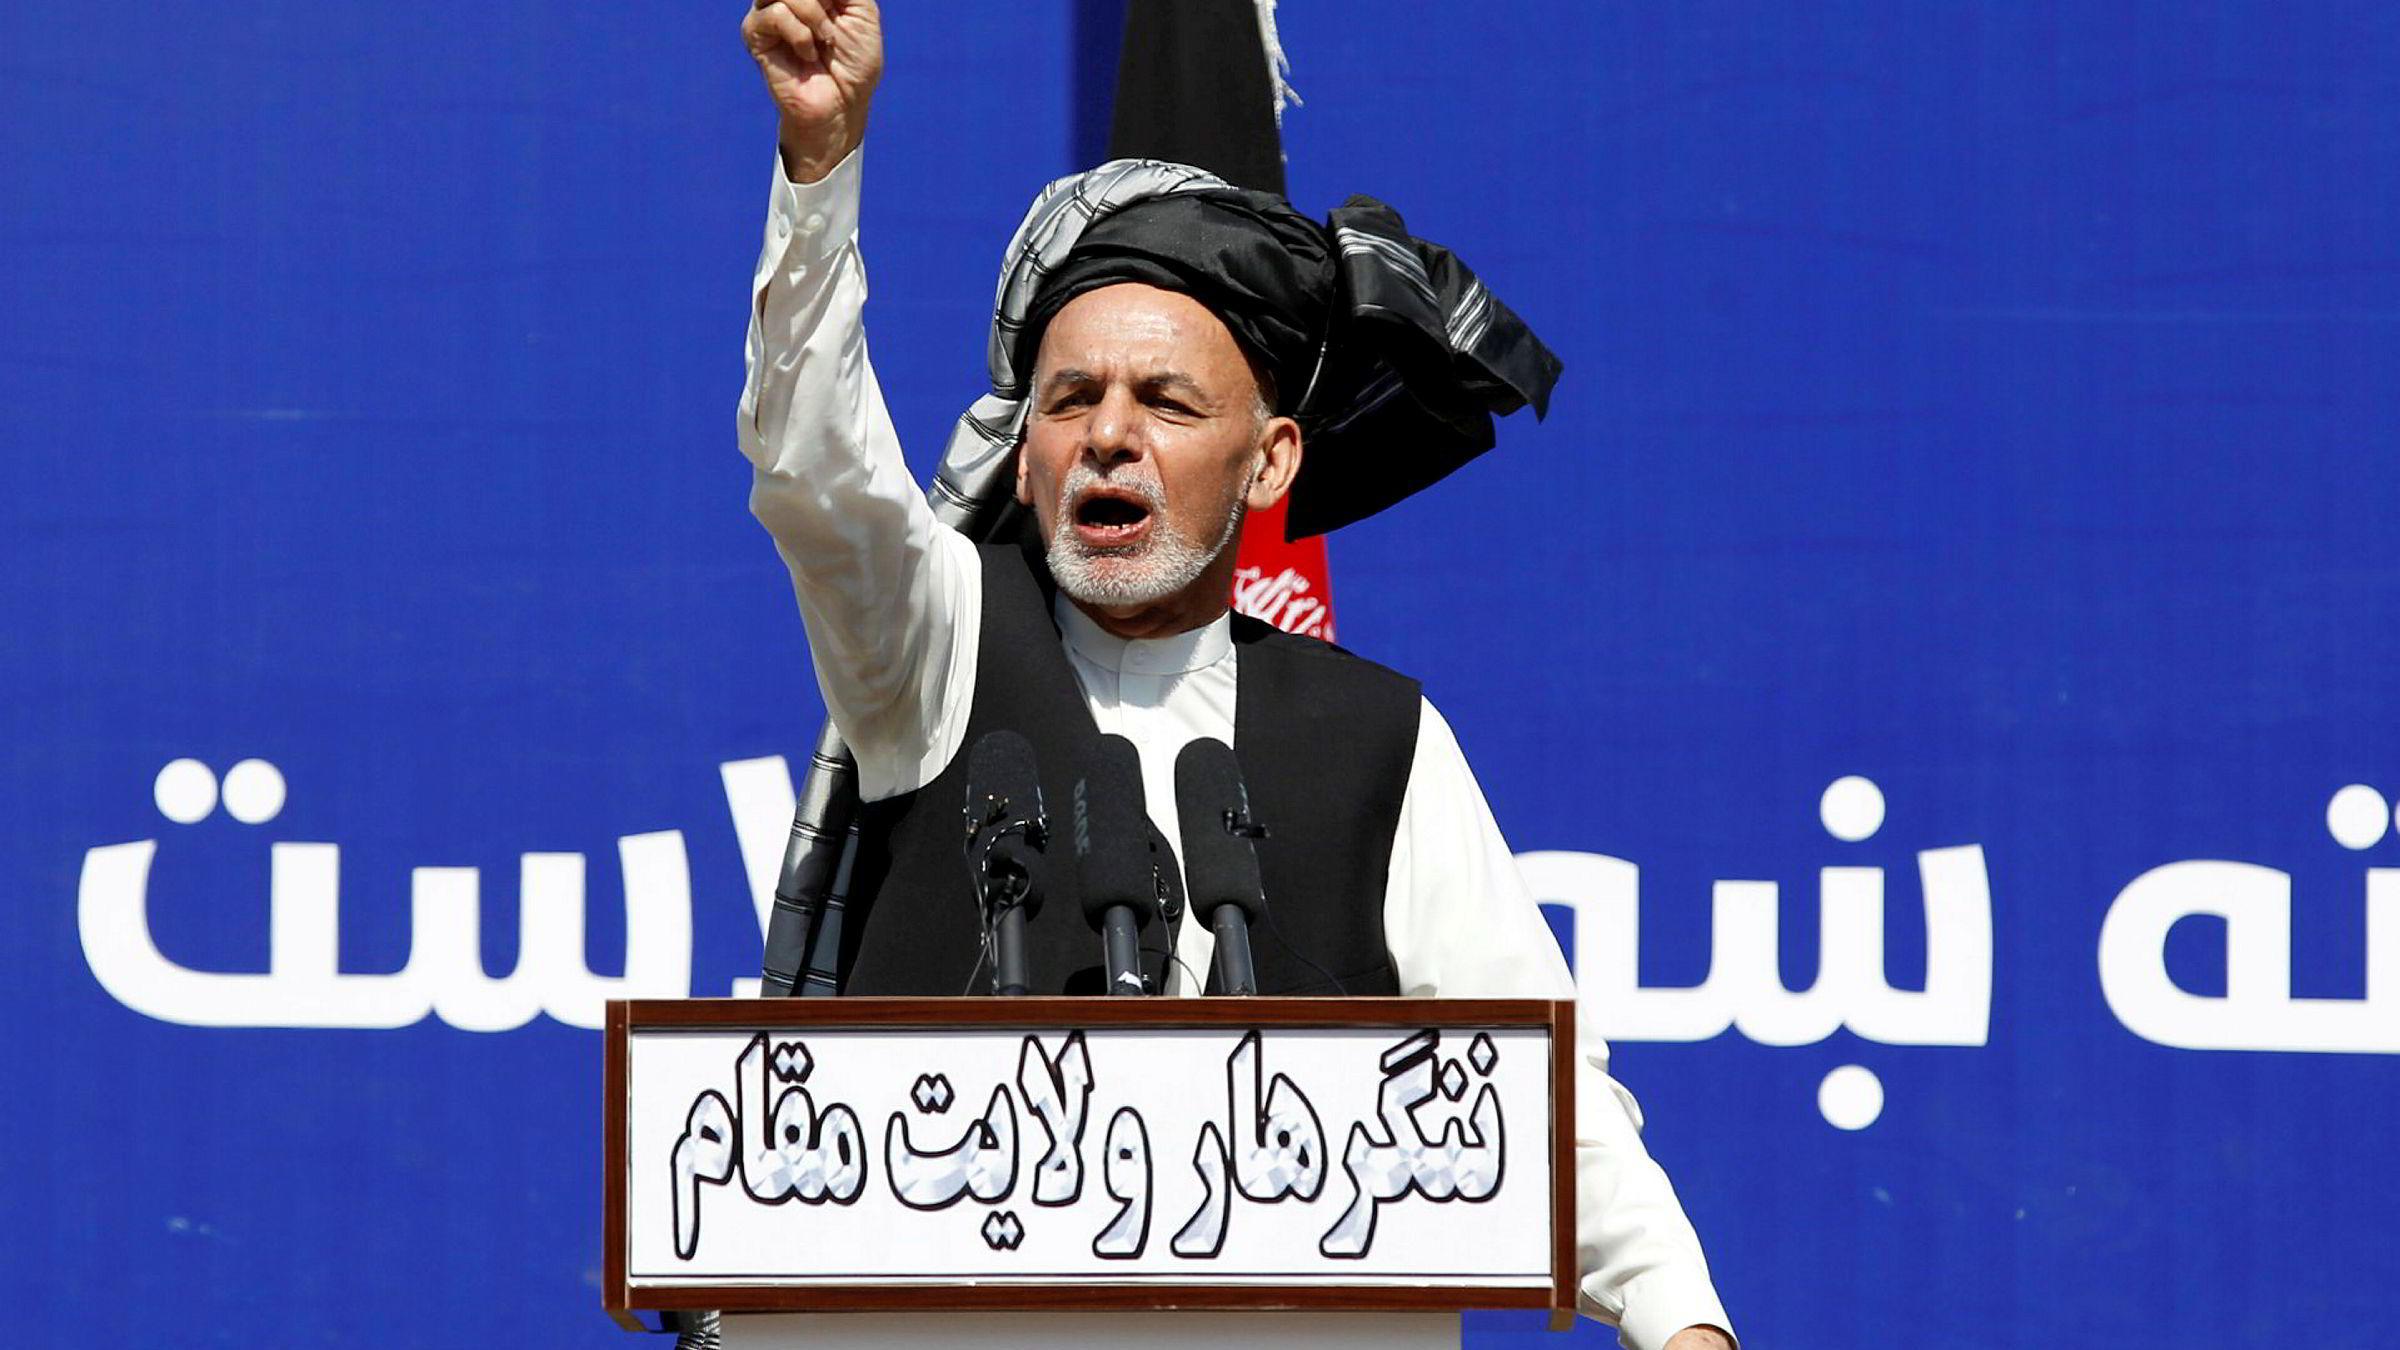 President Ashraf Ghani var ikke i Doha da avtalen ble signert, og hittil har Taliban nektet både å anerkjenne og forhandle med ham.